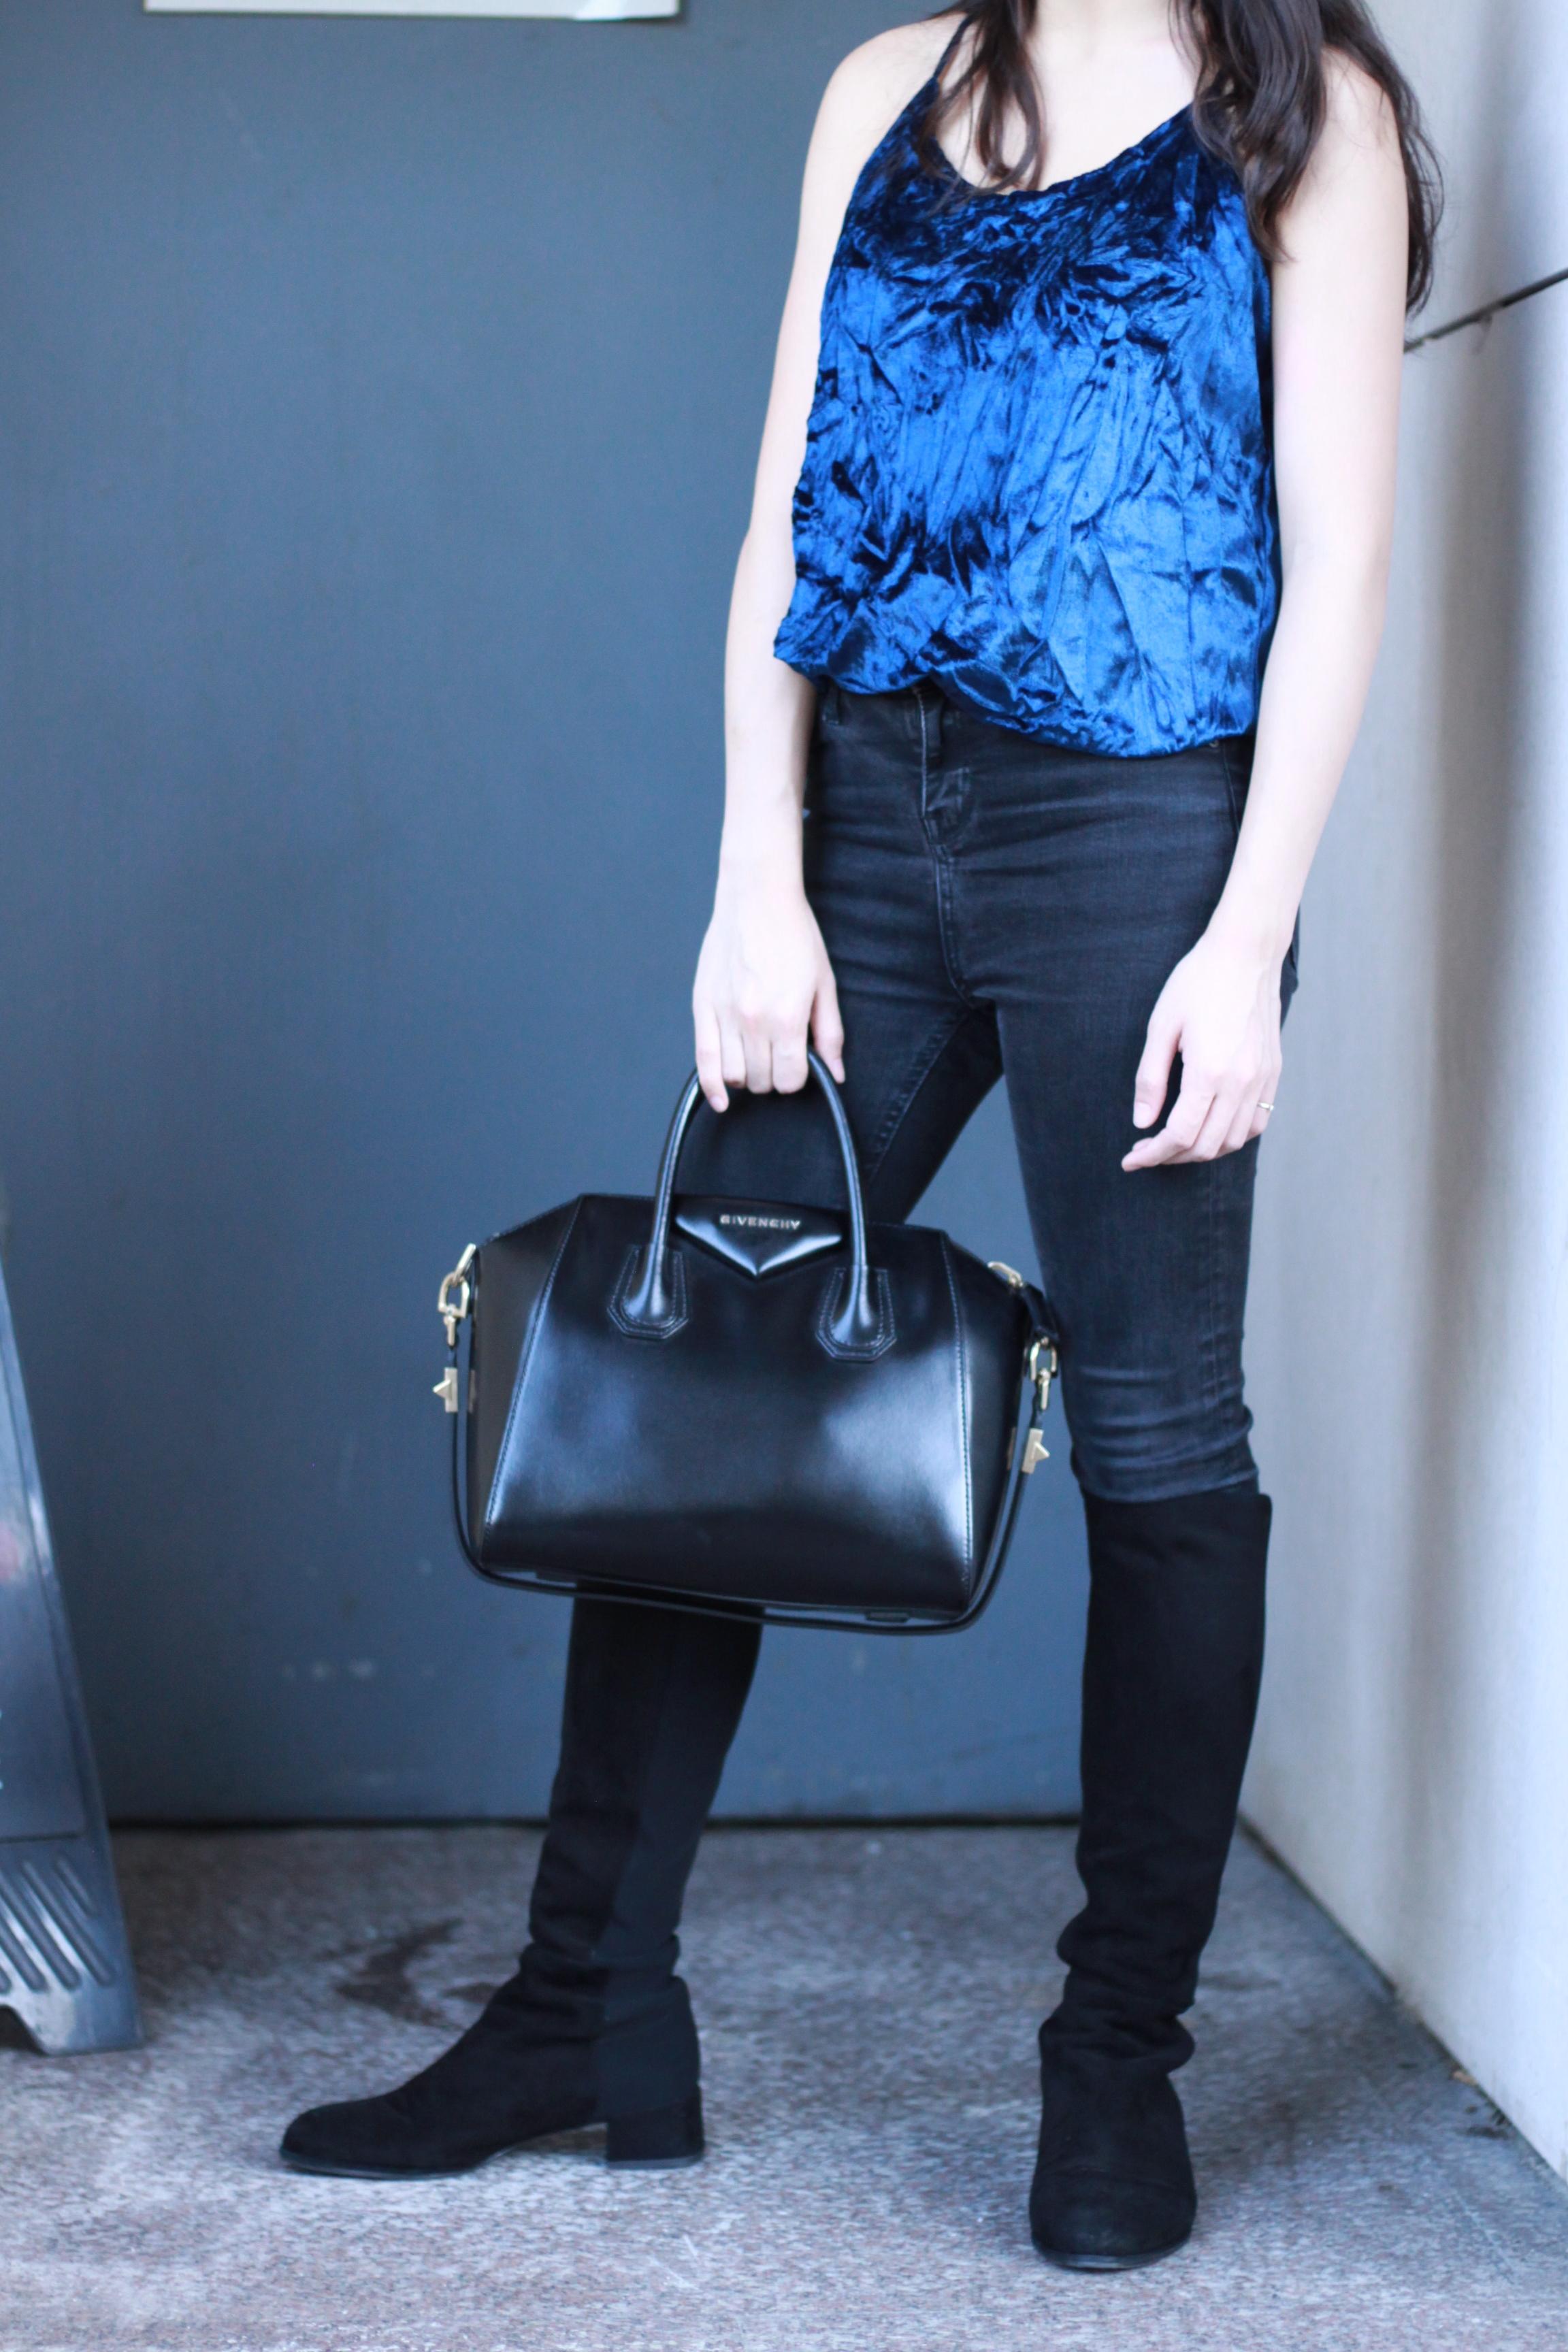 On JongSin: Velvet top / Denim jeans / Stewart Weitzman over-the-knee boots / Givenchy